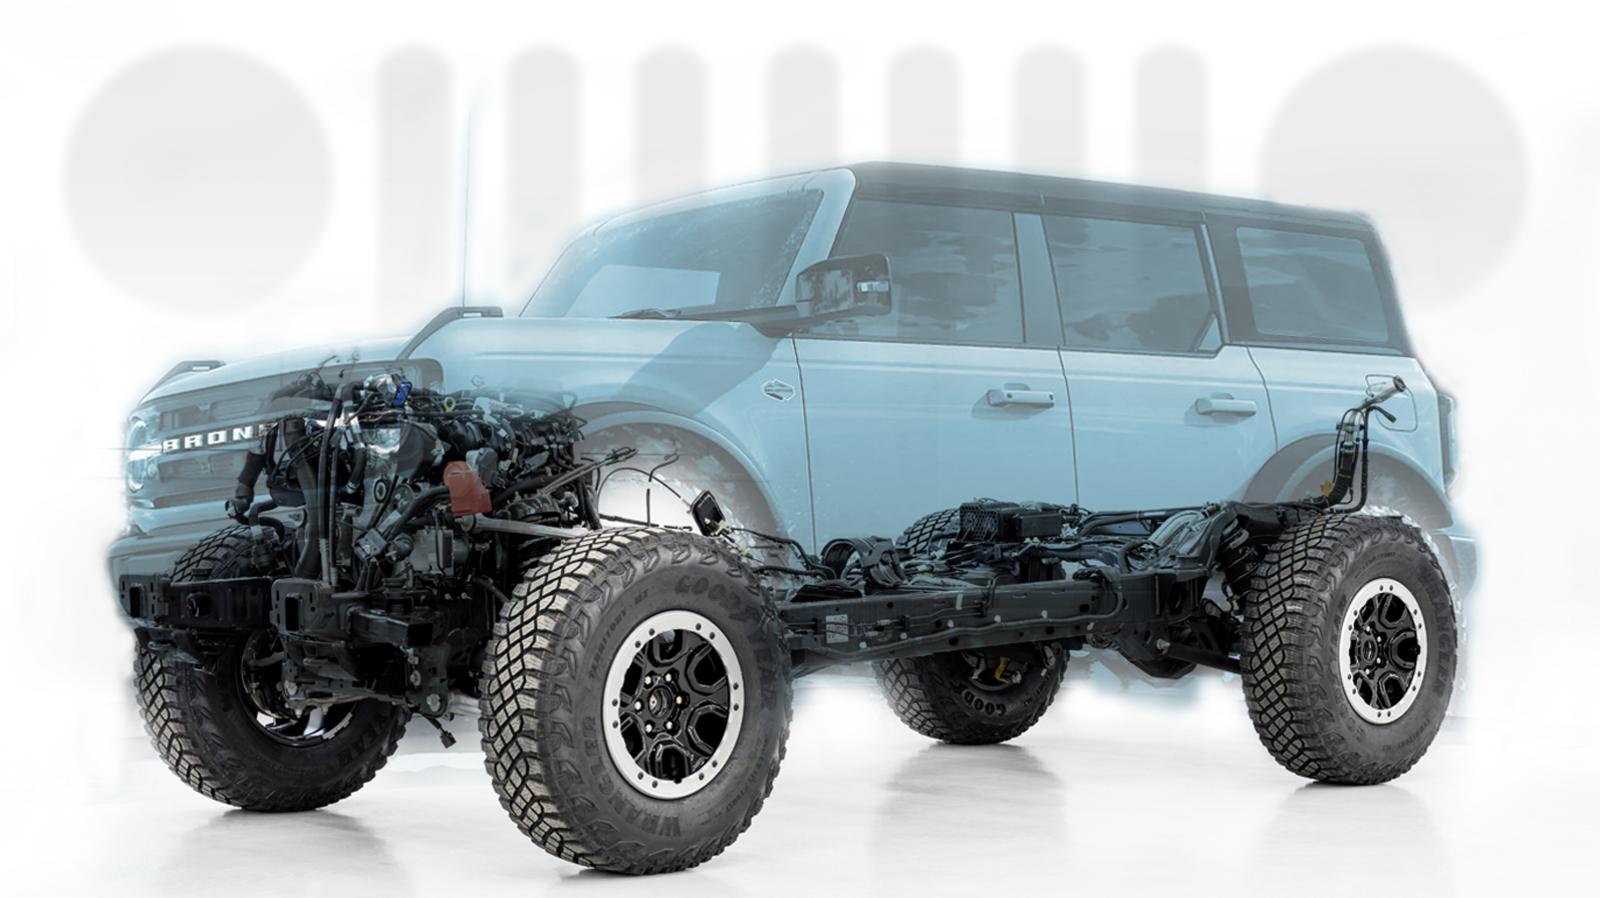 Ford Bronco Vs Jeep Wrangler The Ultimate Technical Deep Drive In 2020 Ford Bronco Jeep Wrangler New Bronco